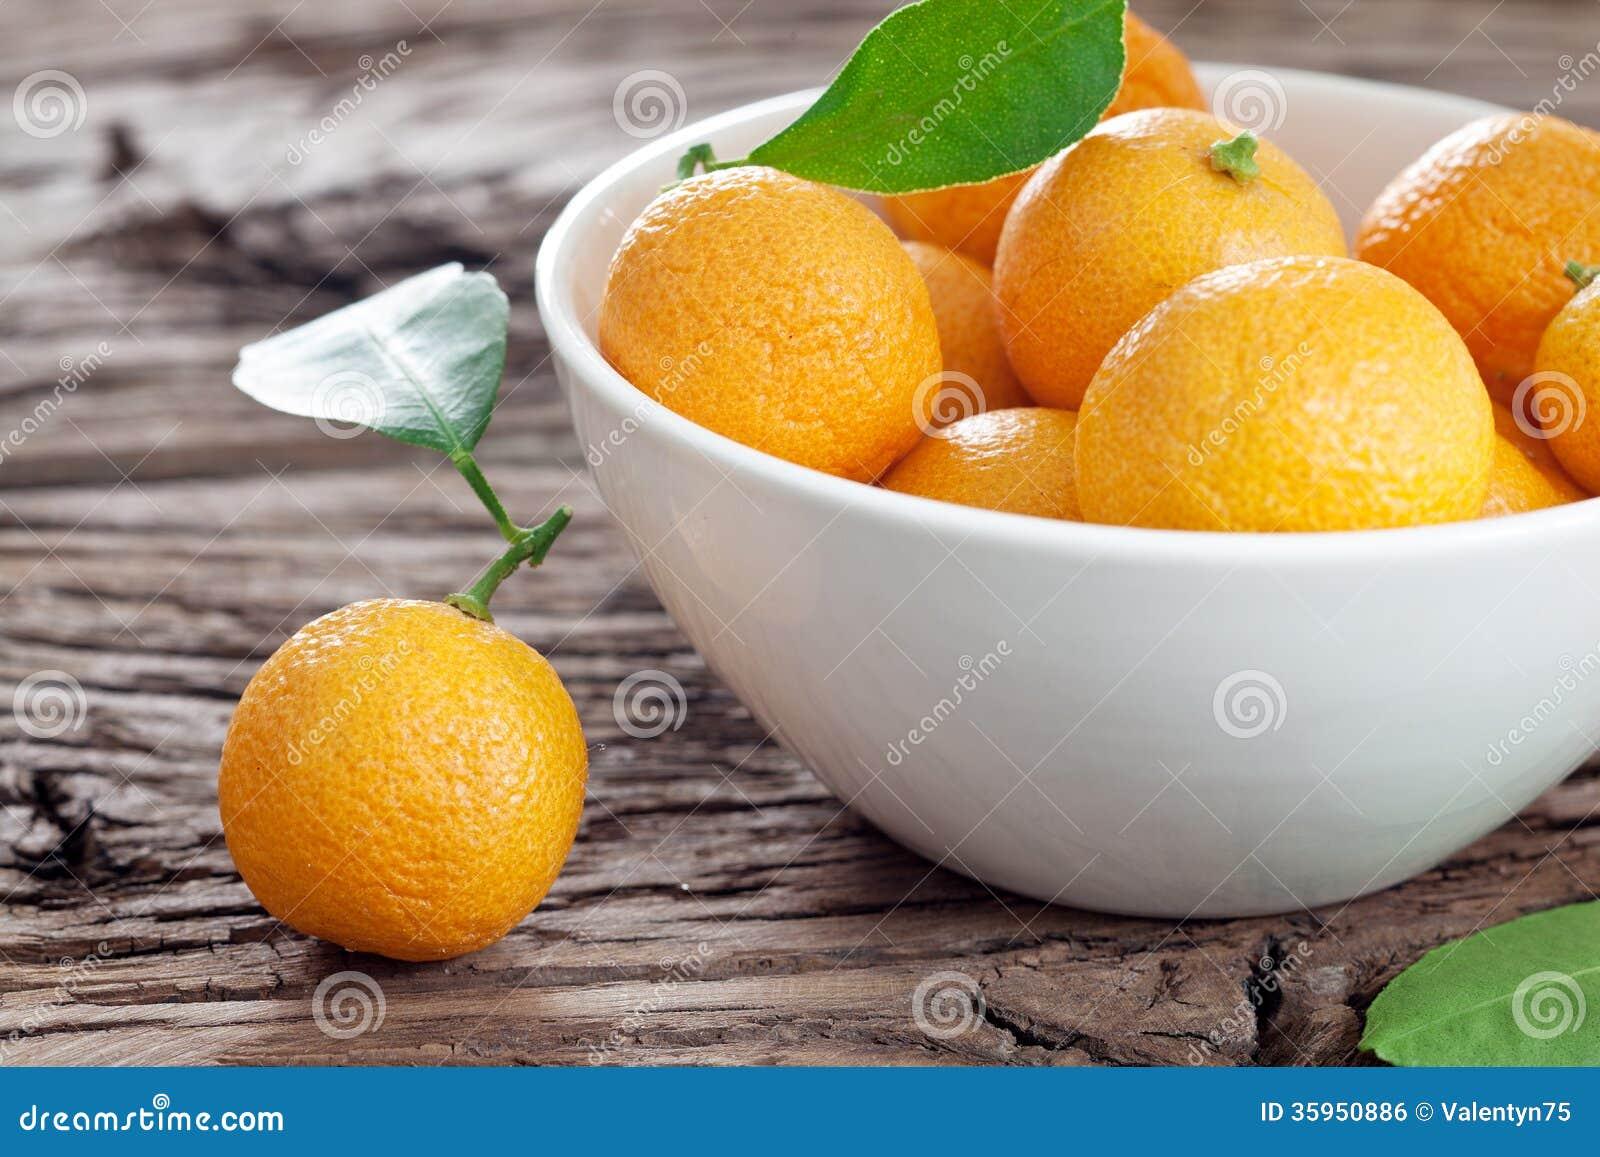 Mandarinas en un cuenco.